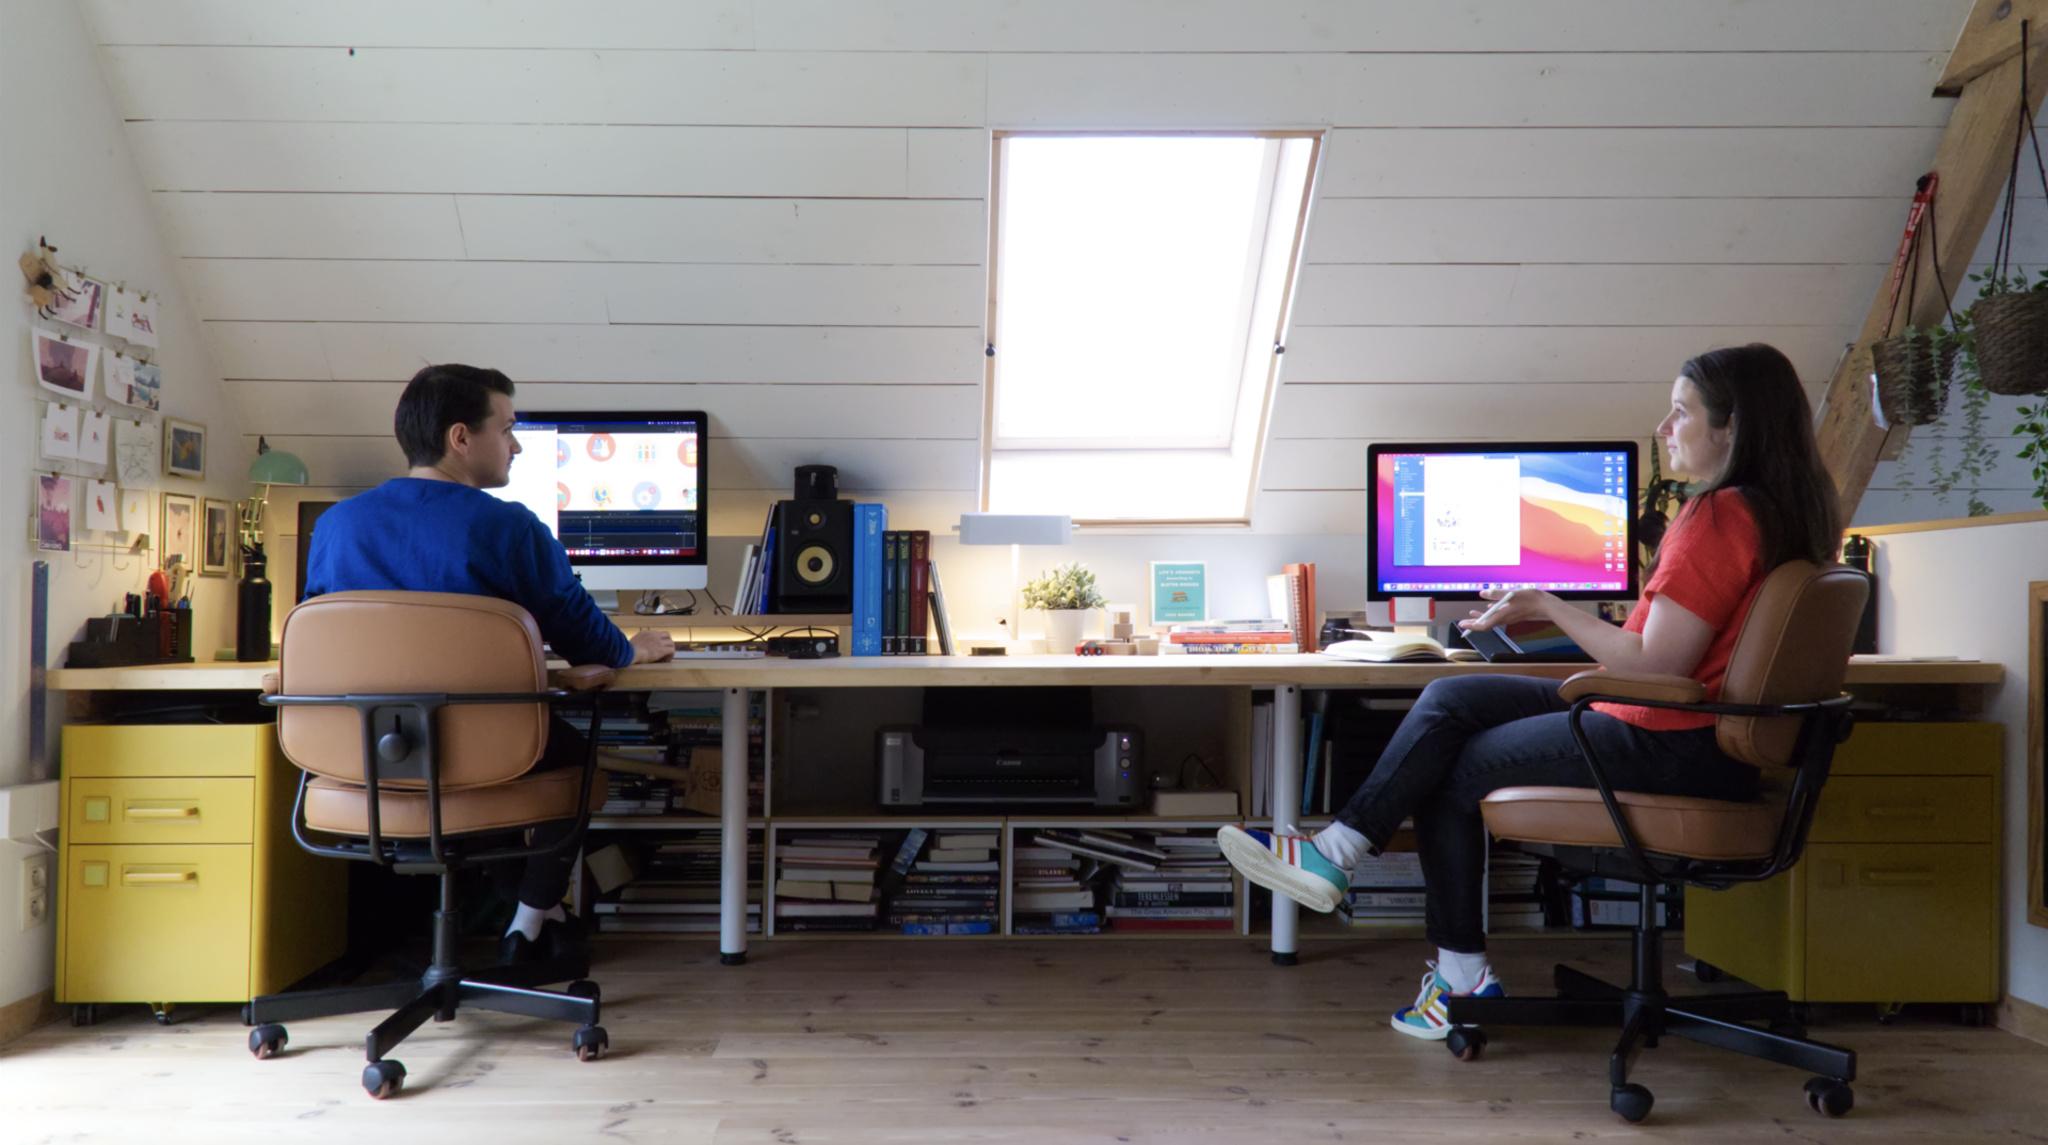 Le couple Pok Pok Playroom dans leur bureau à domicile